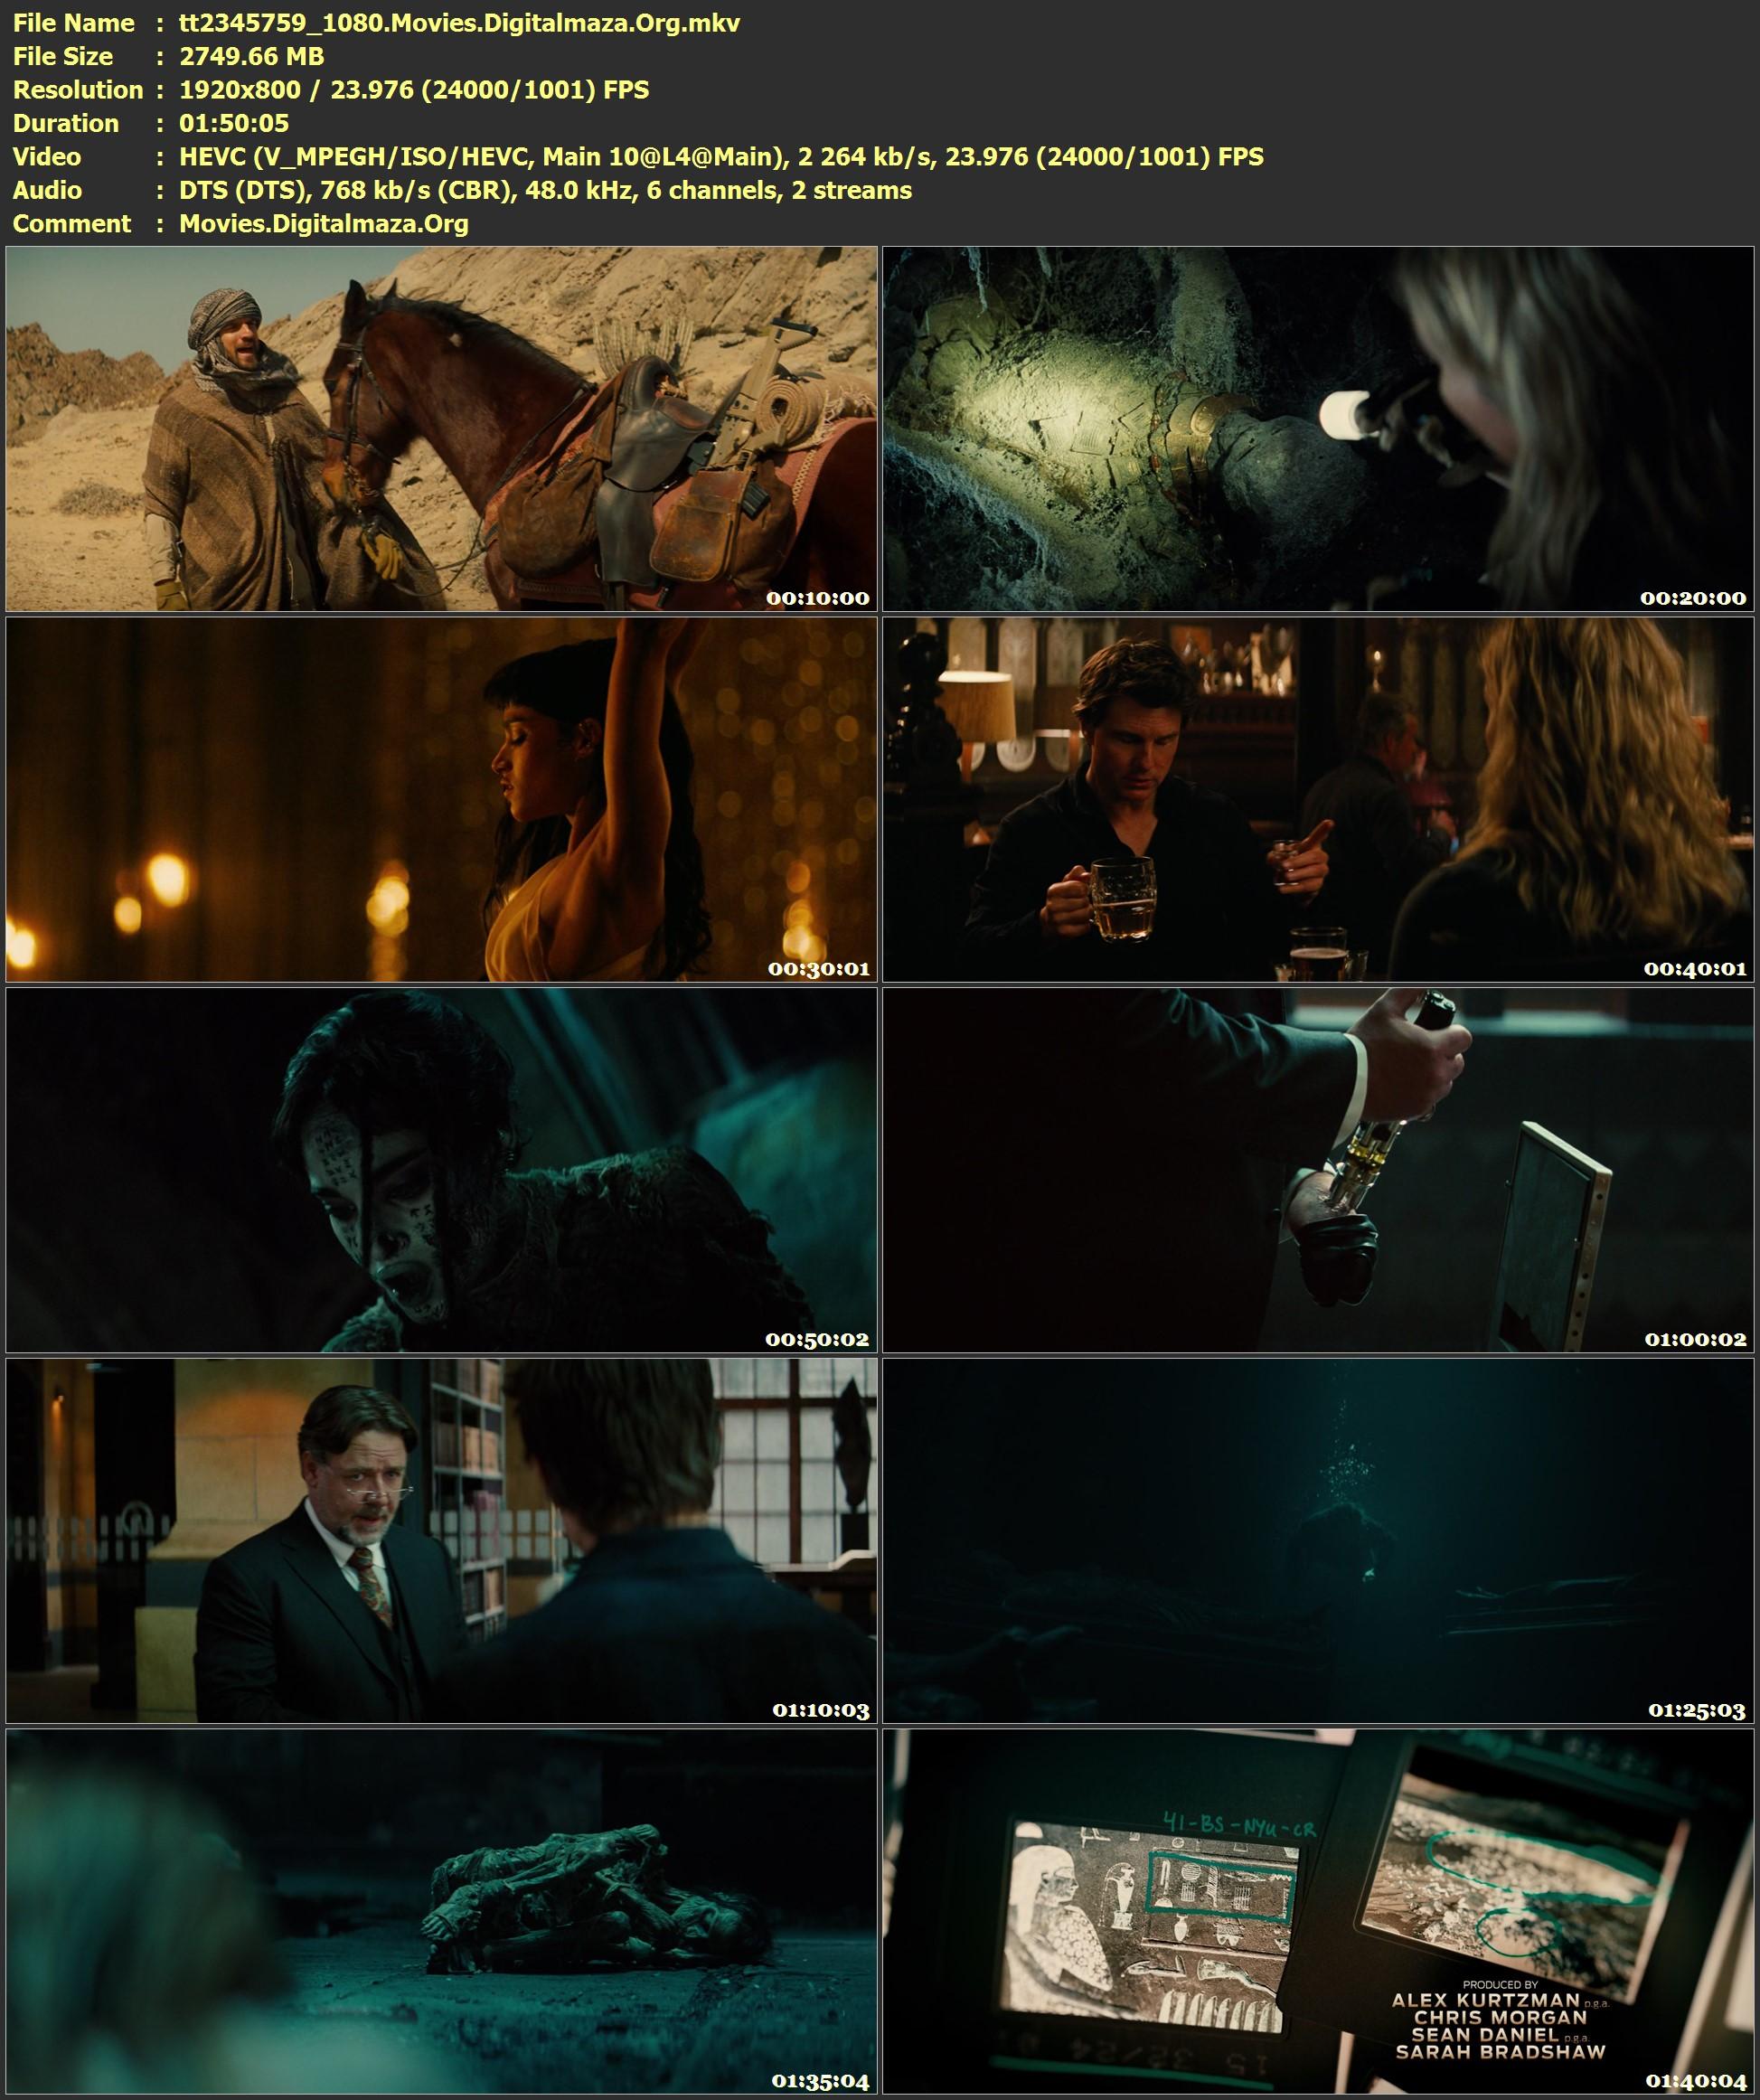 https://image.ibb.co/cThdmy/tt2345759_1080_Movies_Digitalmaza_Org_mkv.jpg